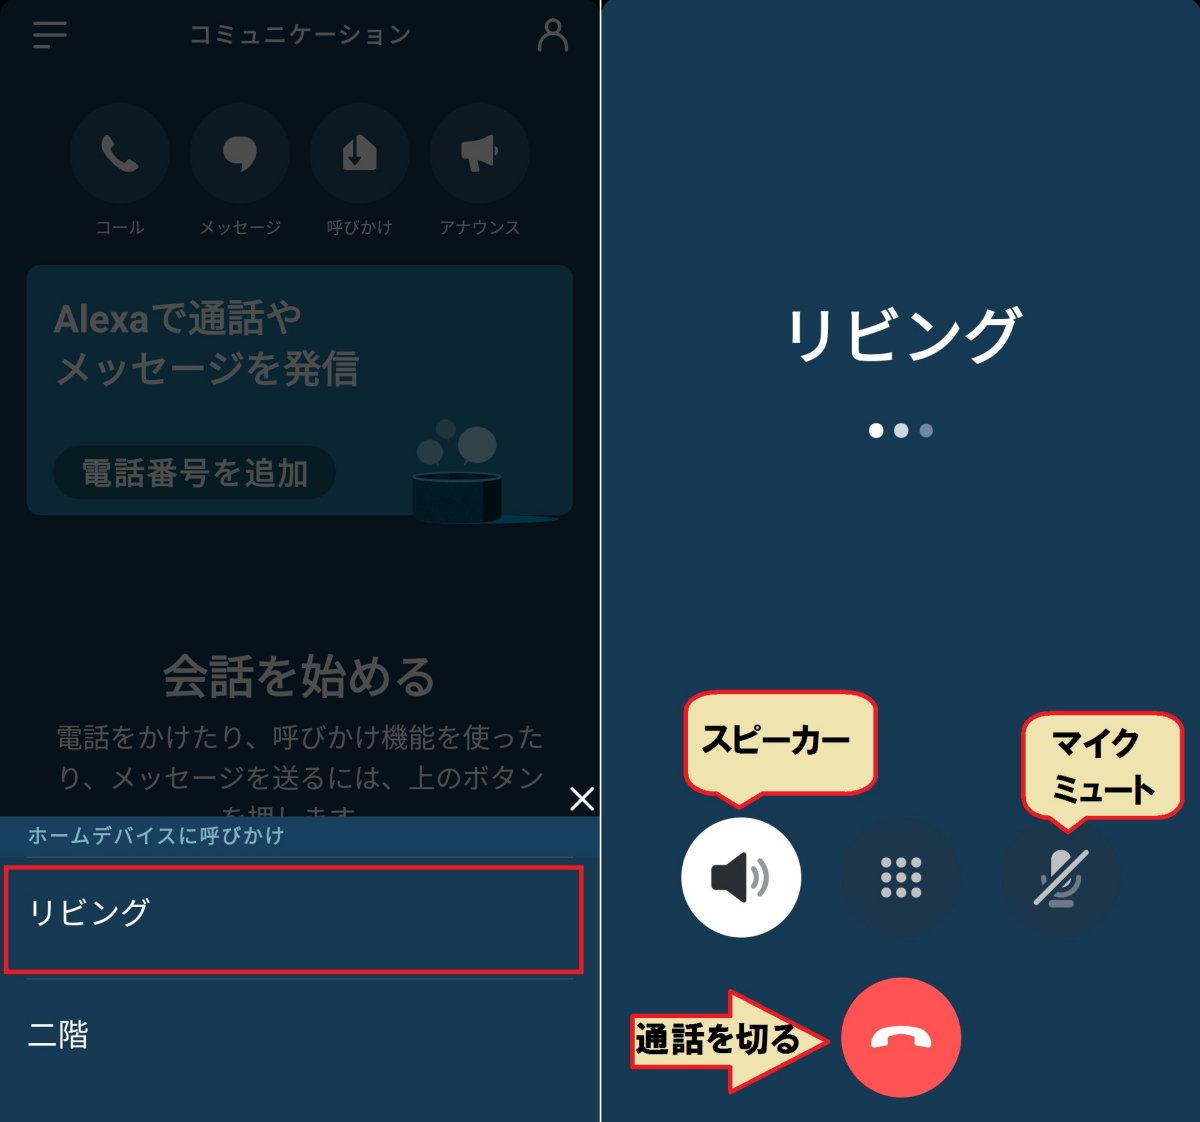 Alexaアプリで呼びかけるデバイスを選択する